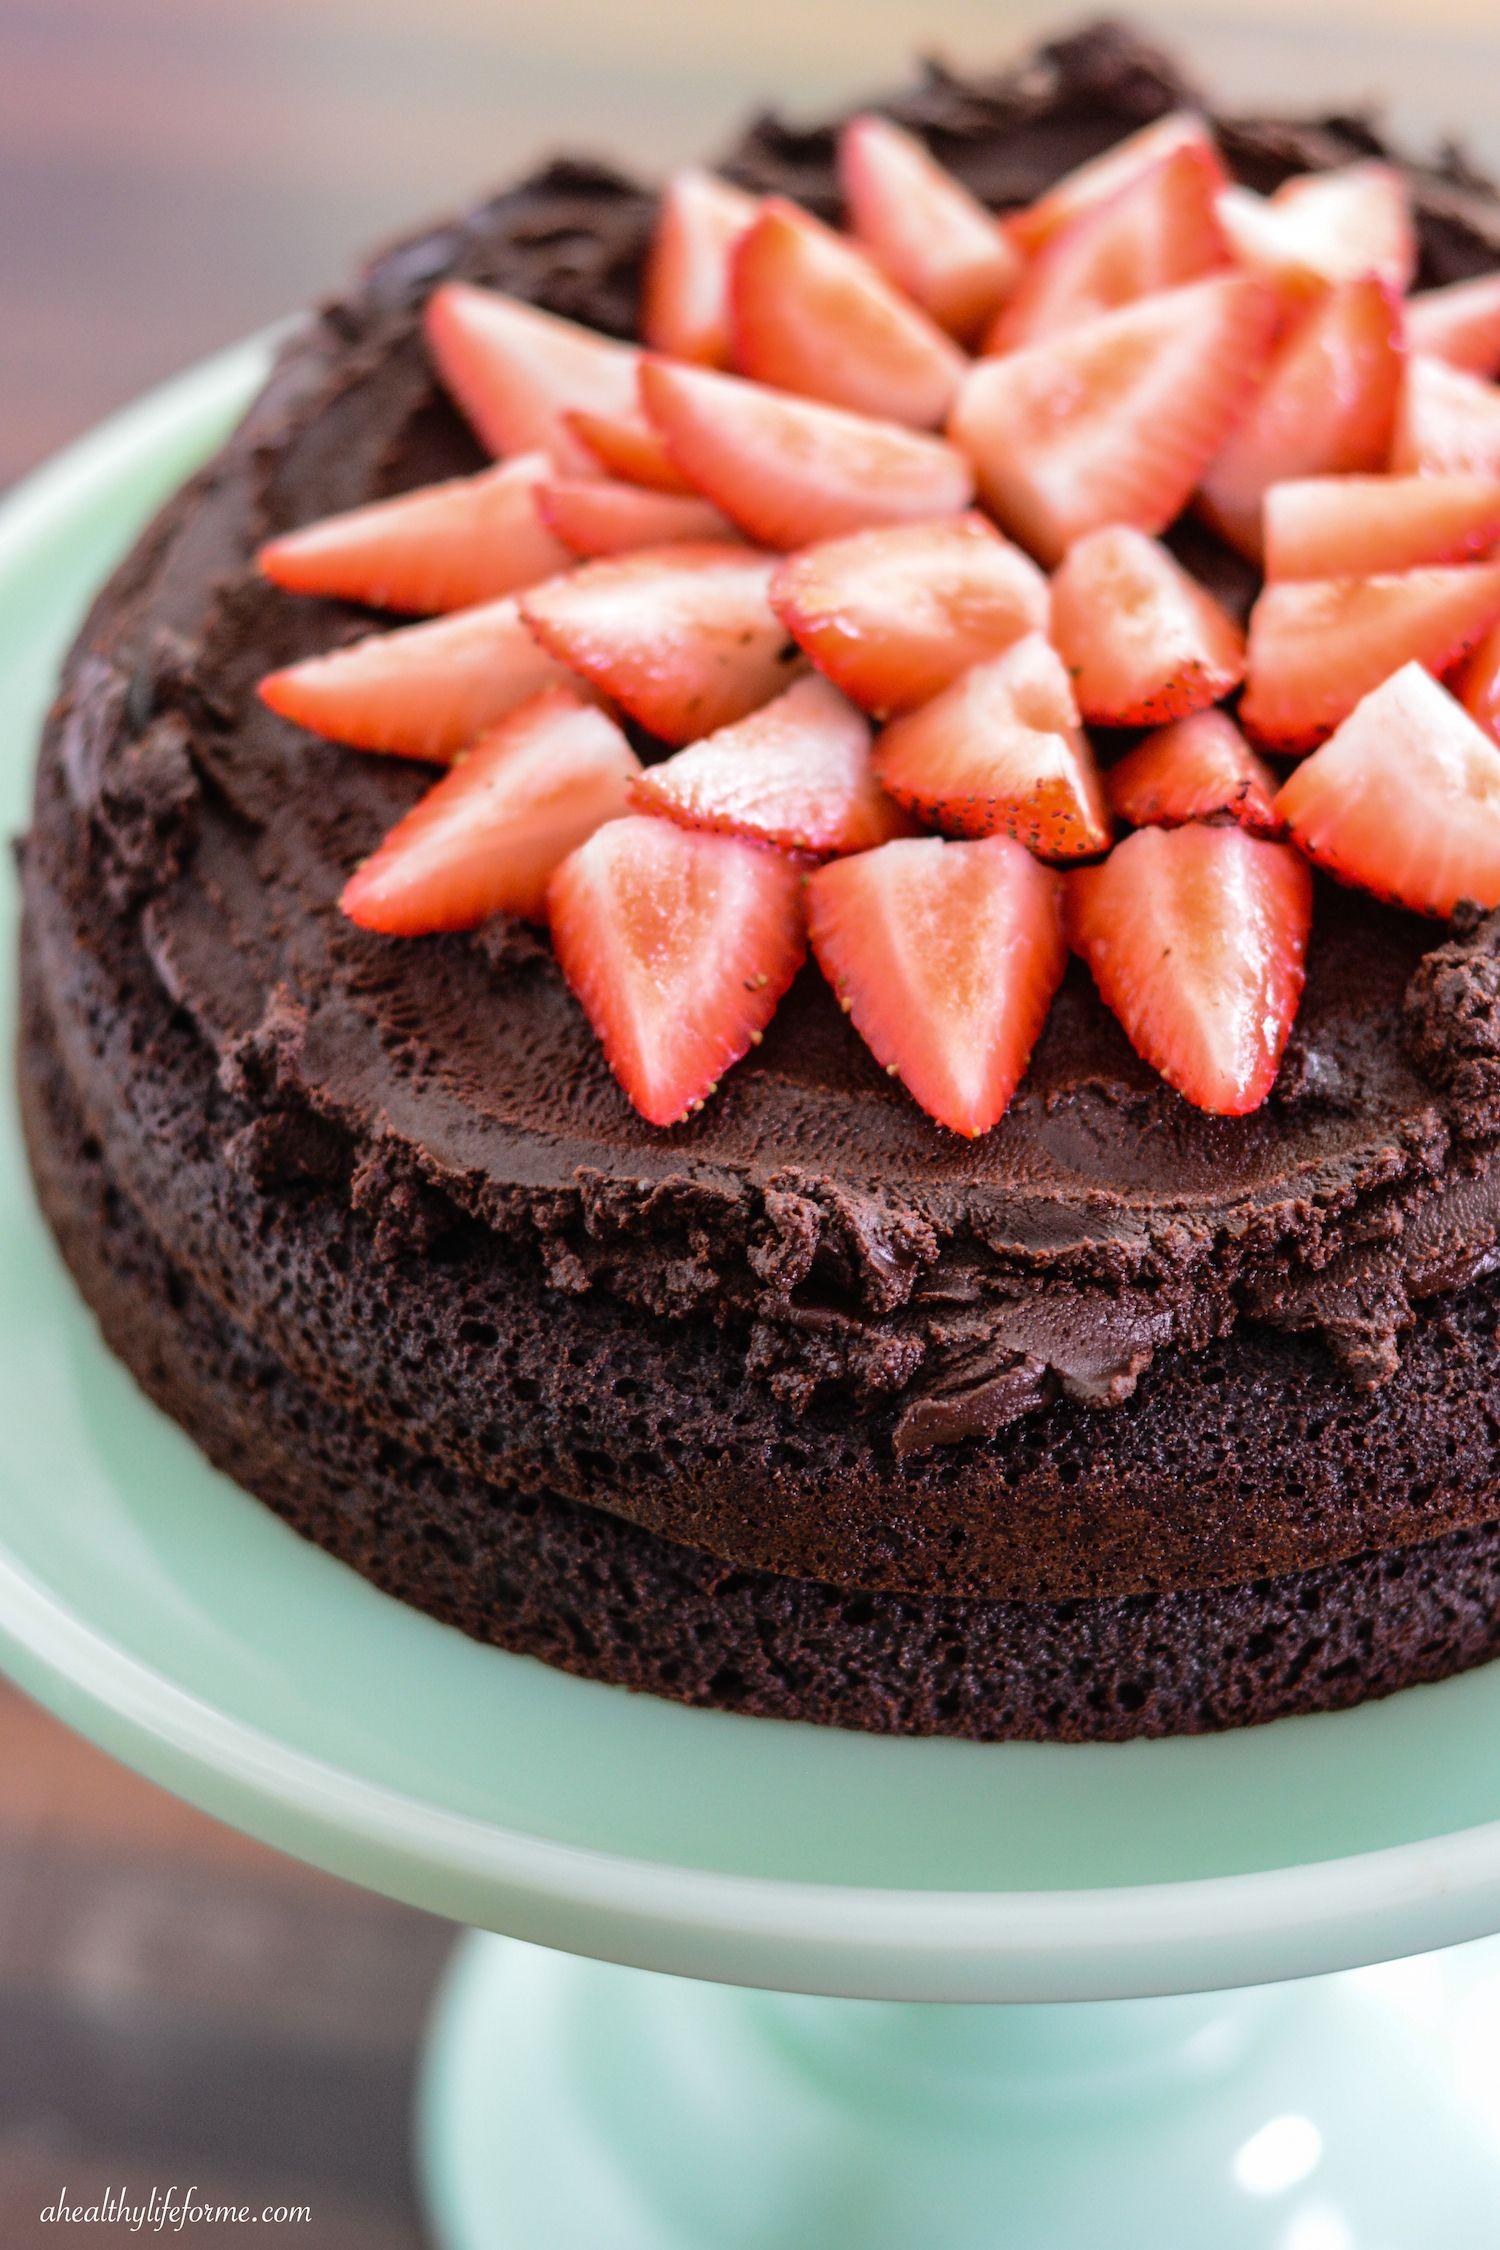 Strawberry Chocolate Paleo Cake | Recipe | Chocolate cakes, Dairy ...